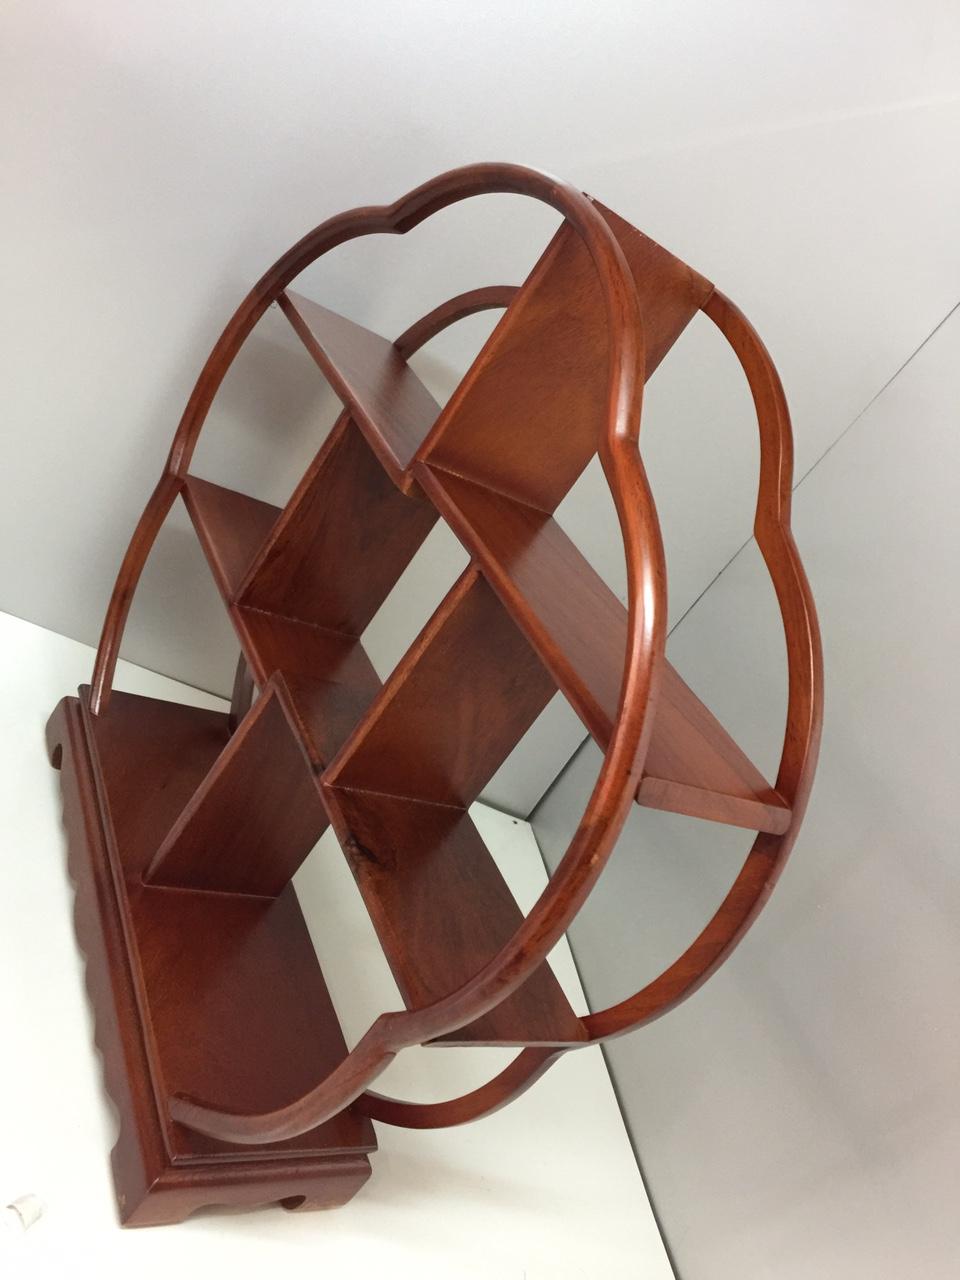 Kệ gỗ trang trí ( gỗ hương) - 42x10x42 cm